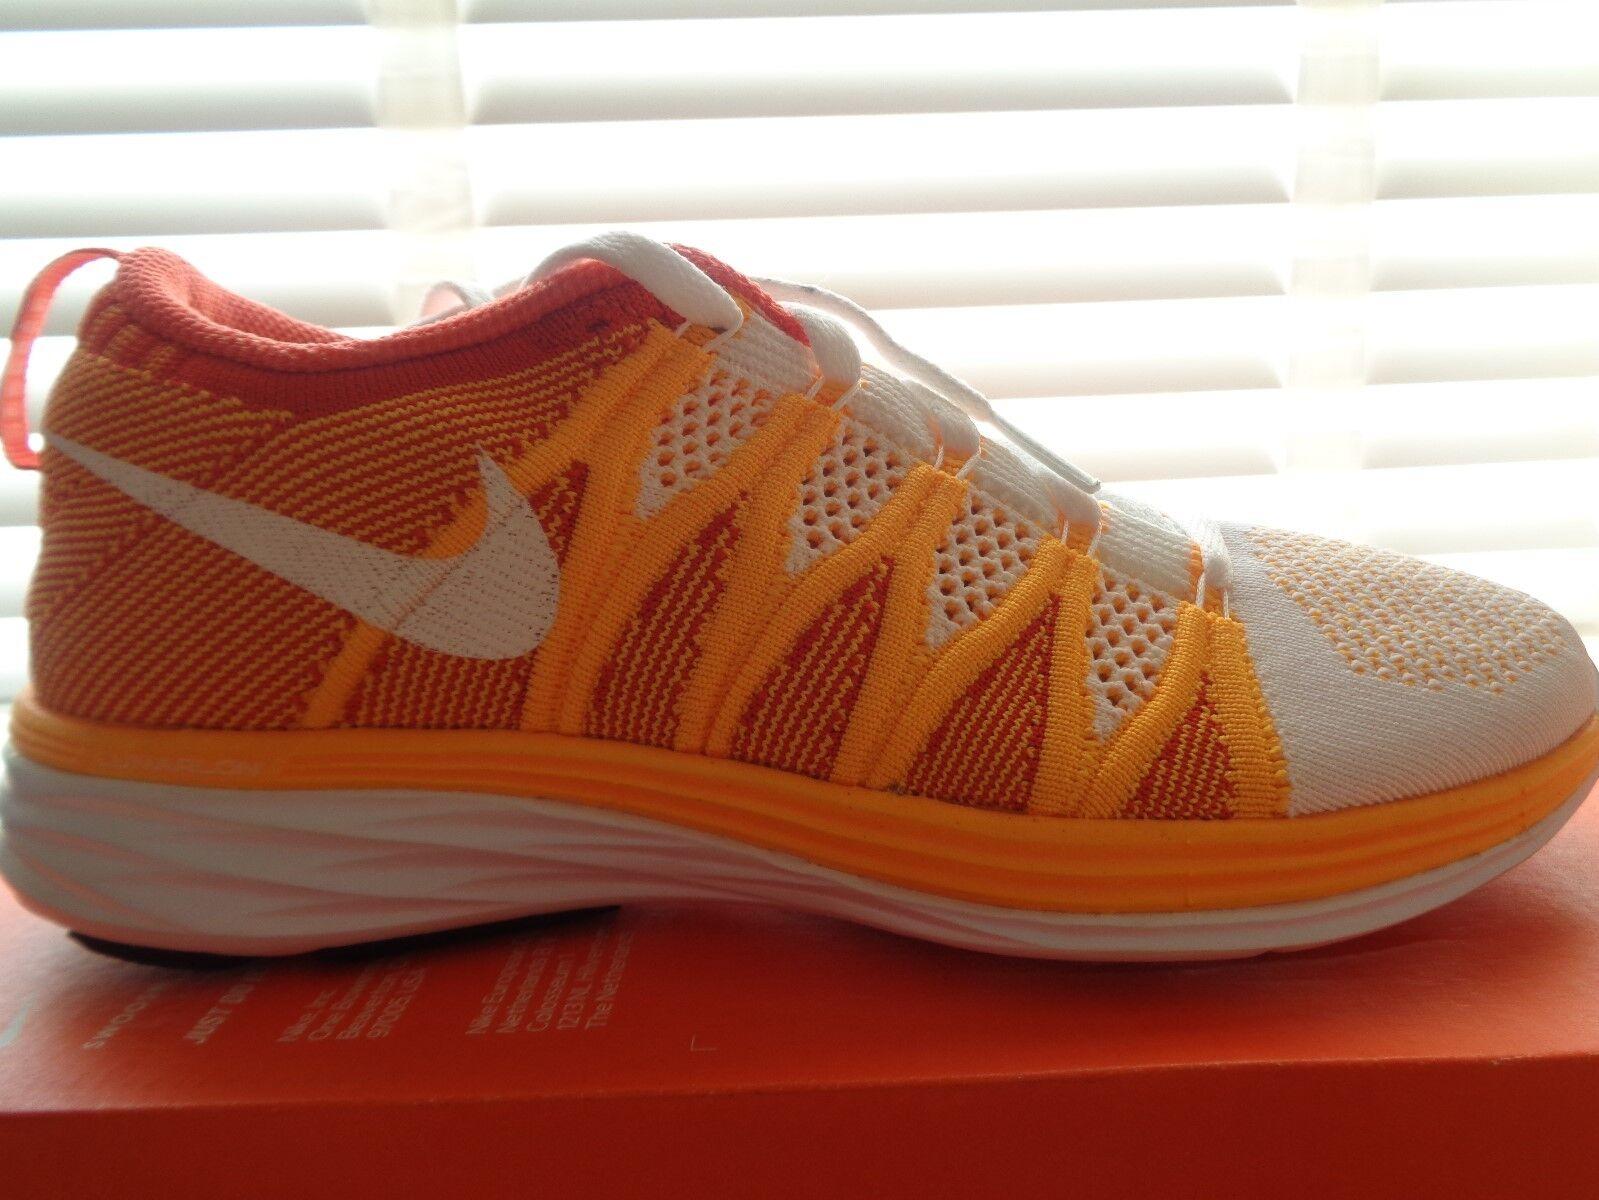 Nike Flyknit lunar 2  Femme  trainers sneakers 620658 101 uk 4 eu 37.5 us 6.5 NEW